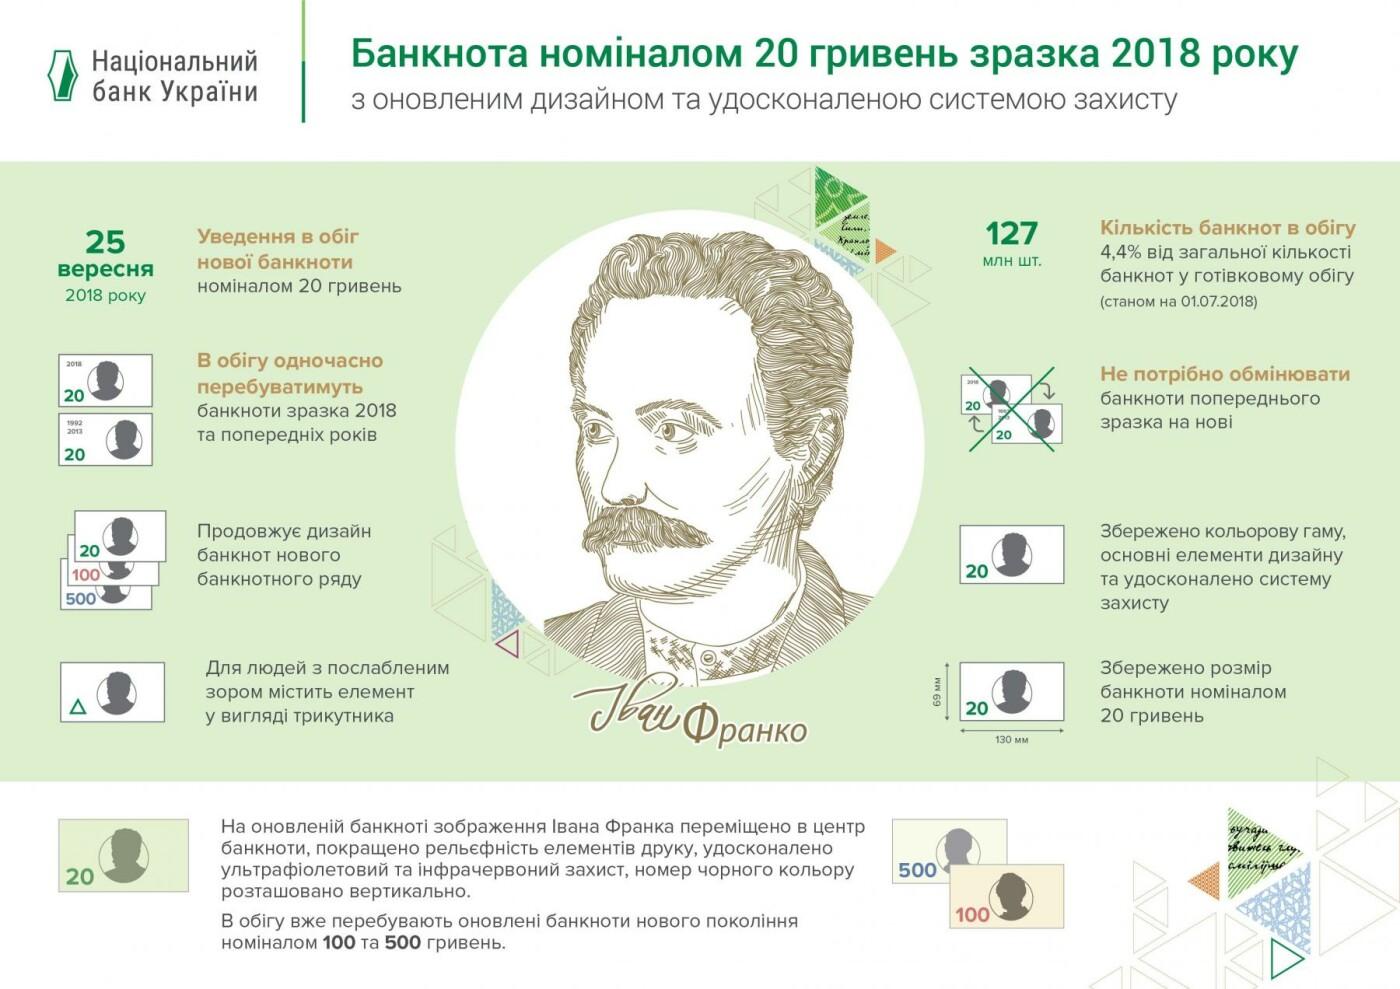 Нацбанк презентував нову купюру у 20 гривень, фото-2